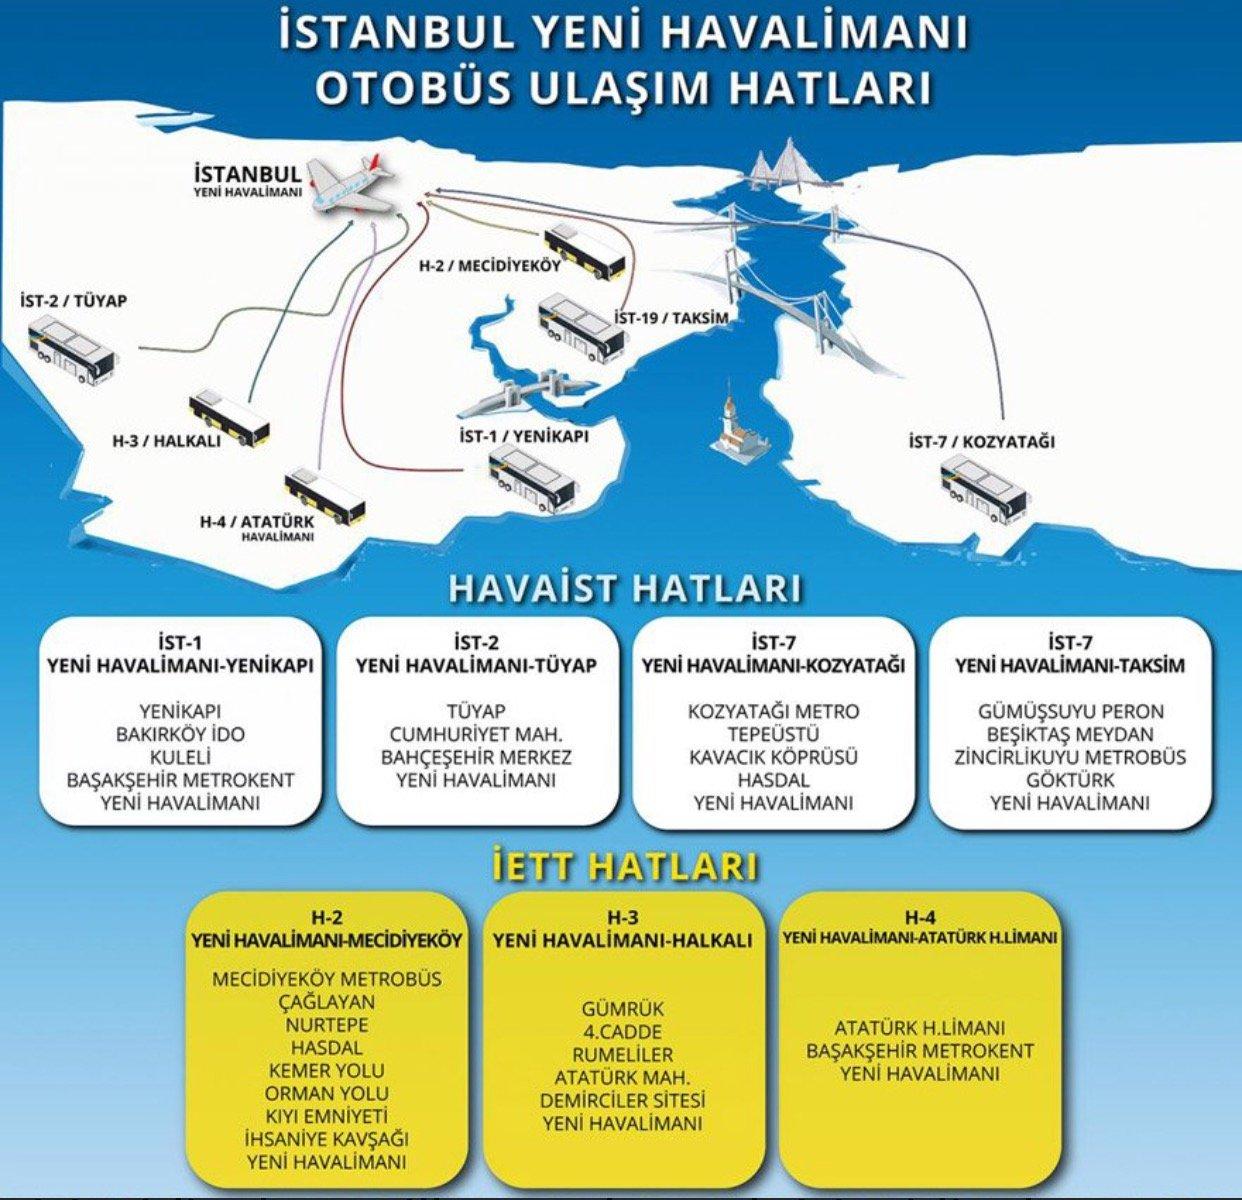 Как добраться из Нового аэропорта Стамбула до центра города на автобусе